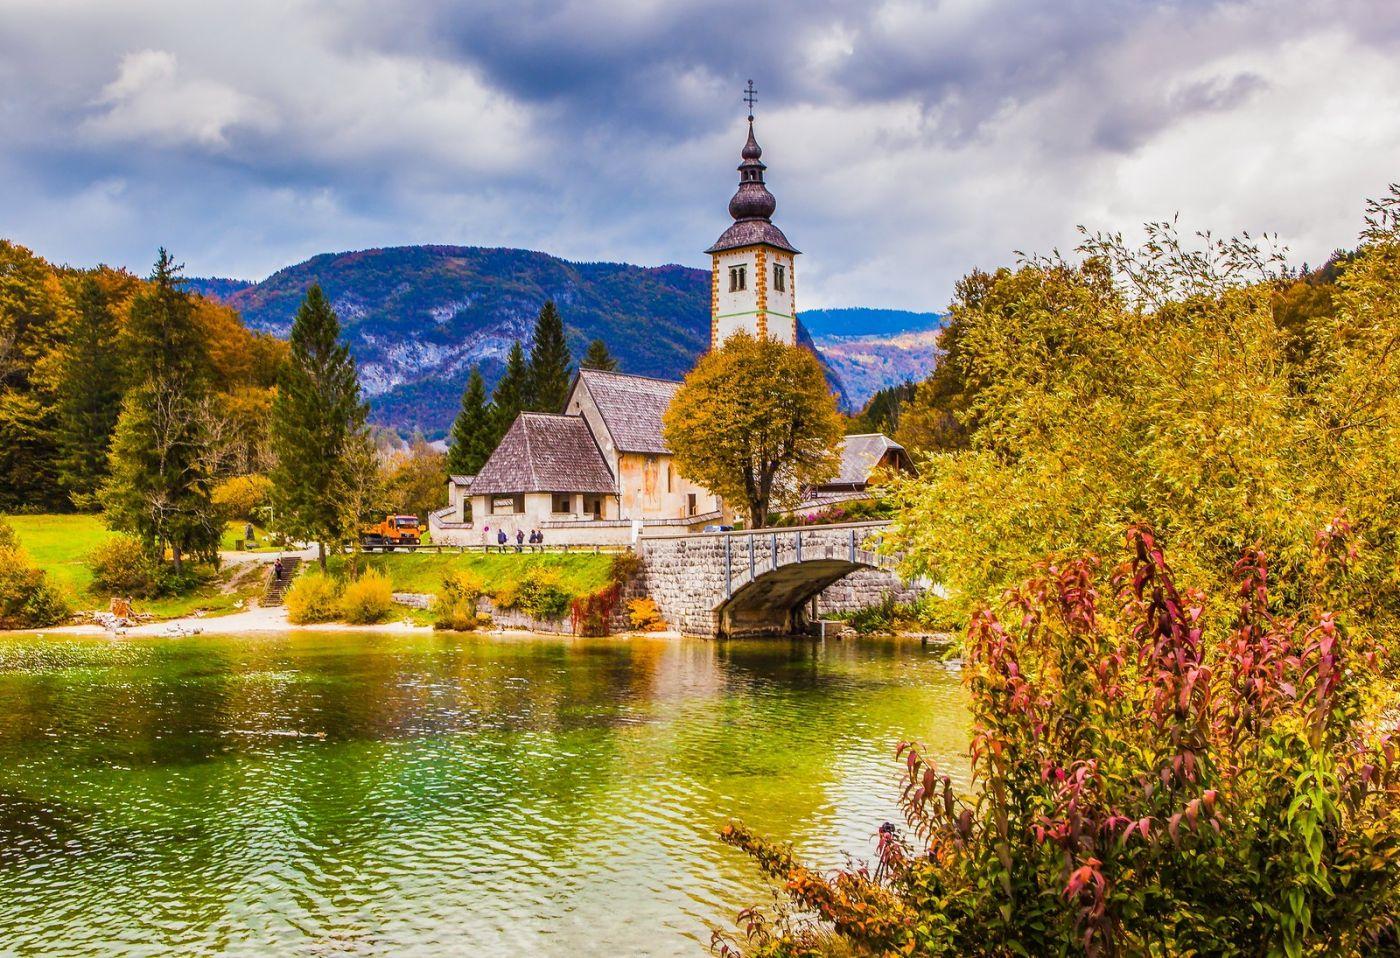 斯洛文尼亚博希尼湖(Lake Bohinj),湖边的桥和教堂_图1-6